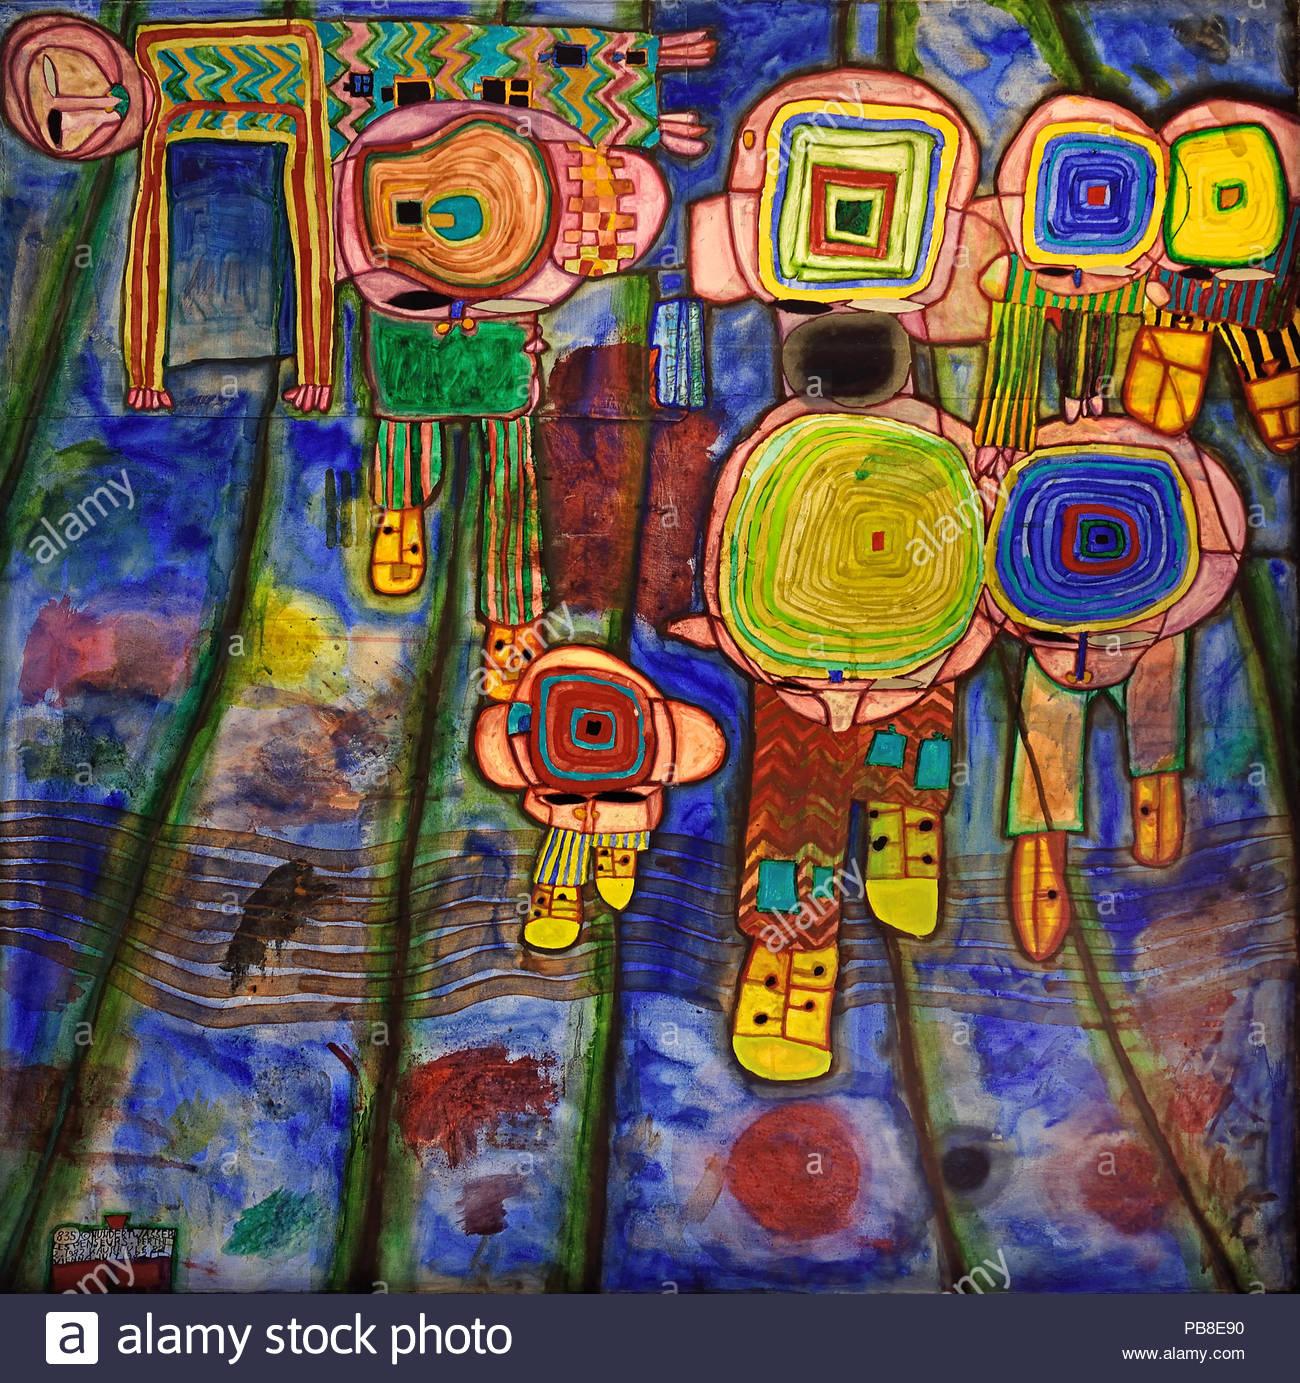 Friedensreich Regentag Dunkelbunt Hundertwasser Stockfotos